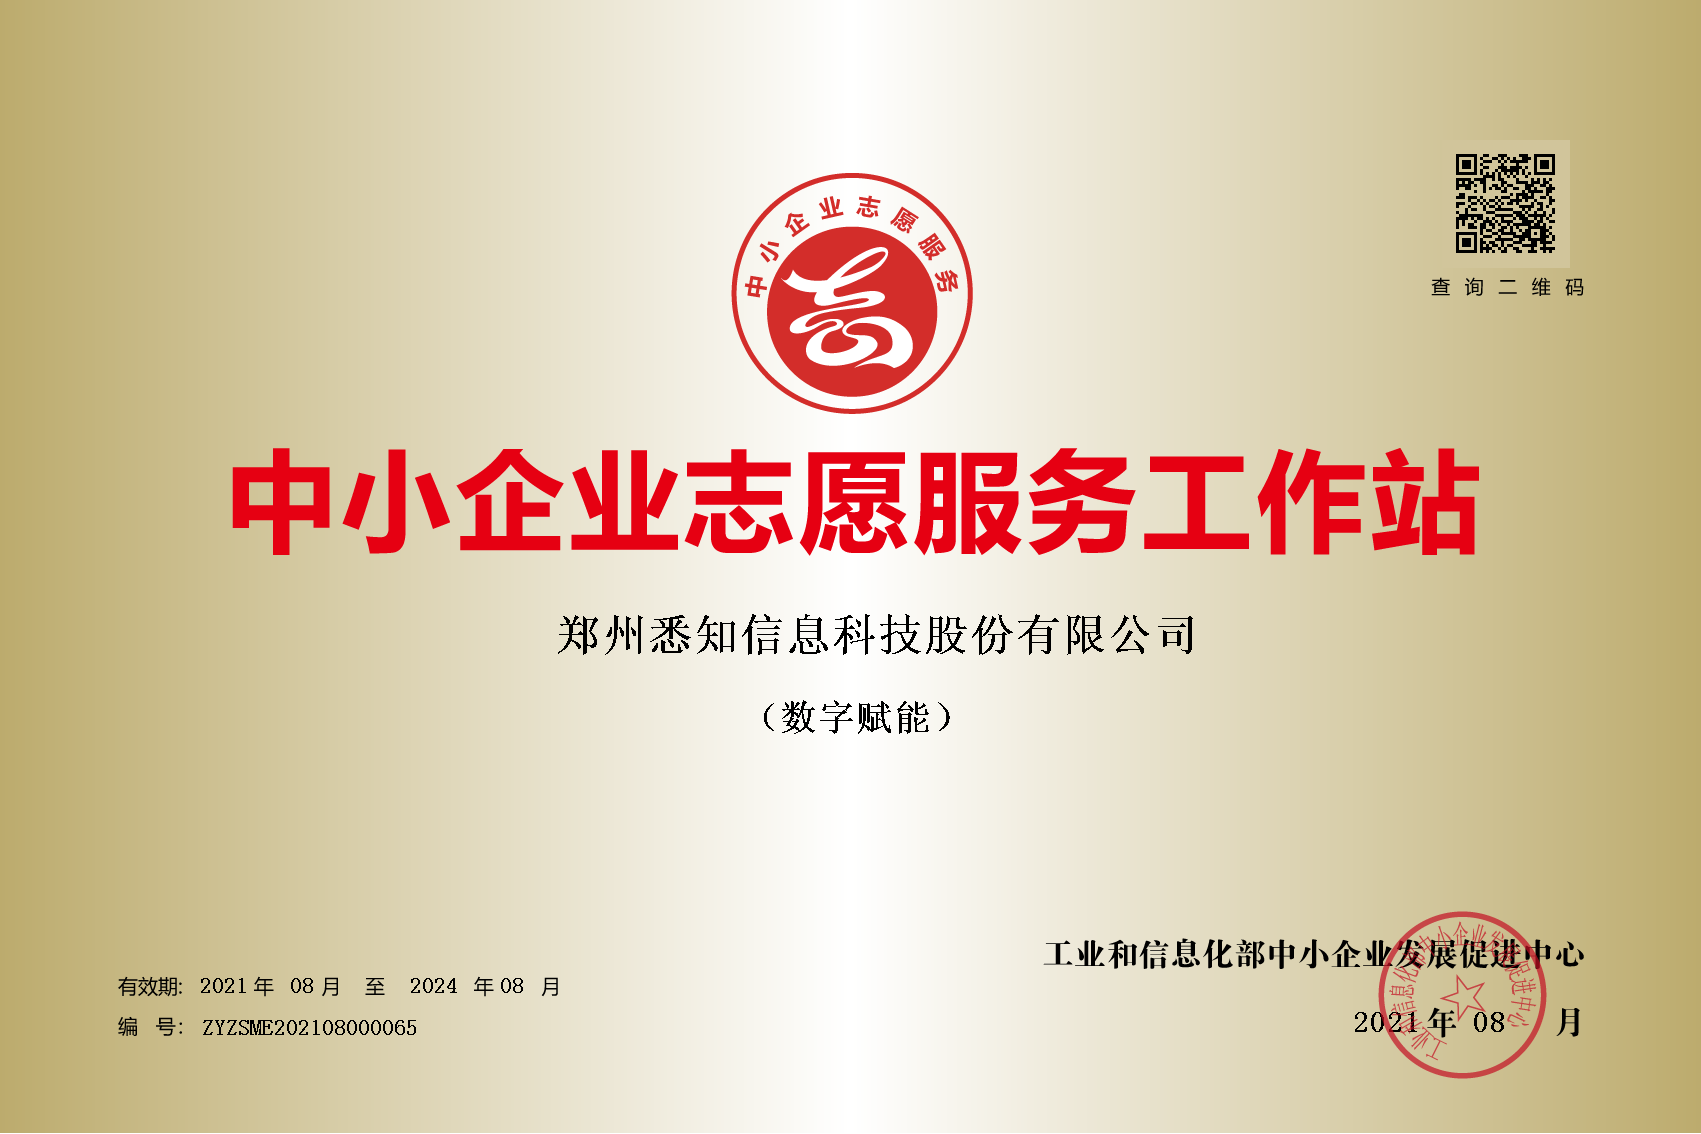 """榮譽 丨悉知科技獲評""""第一批中小企業志愿服務工作站"""""""